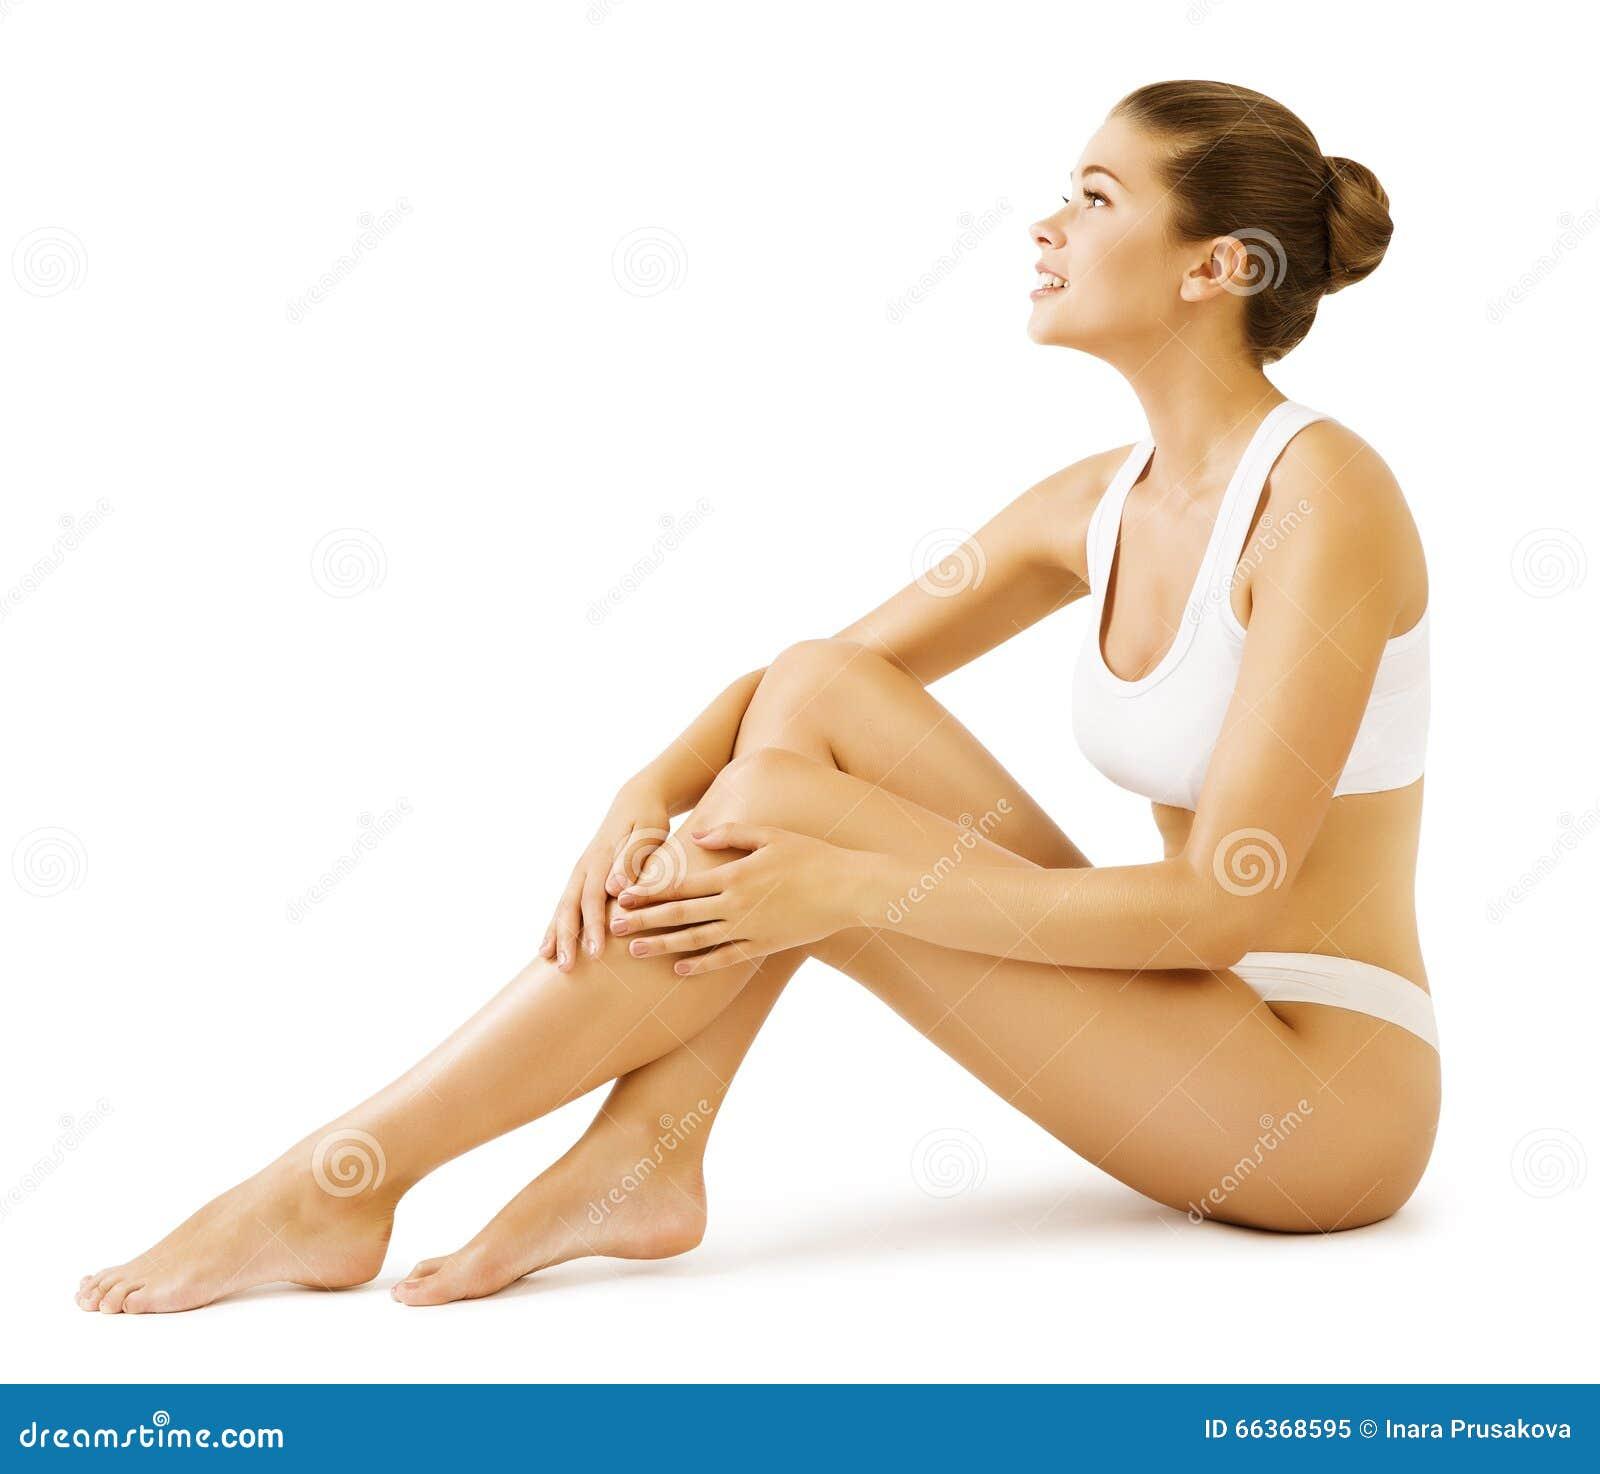 Belleza Del Cuerpo De La Mujer, Girl Sitting Modelo En La Ropa ...